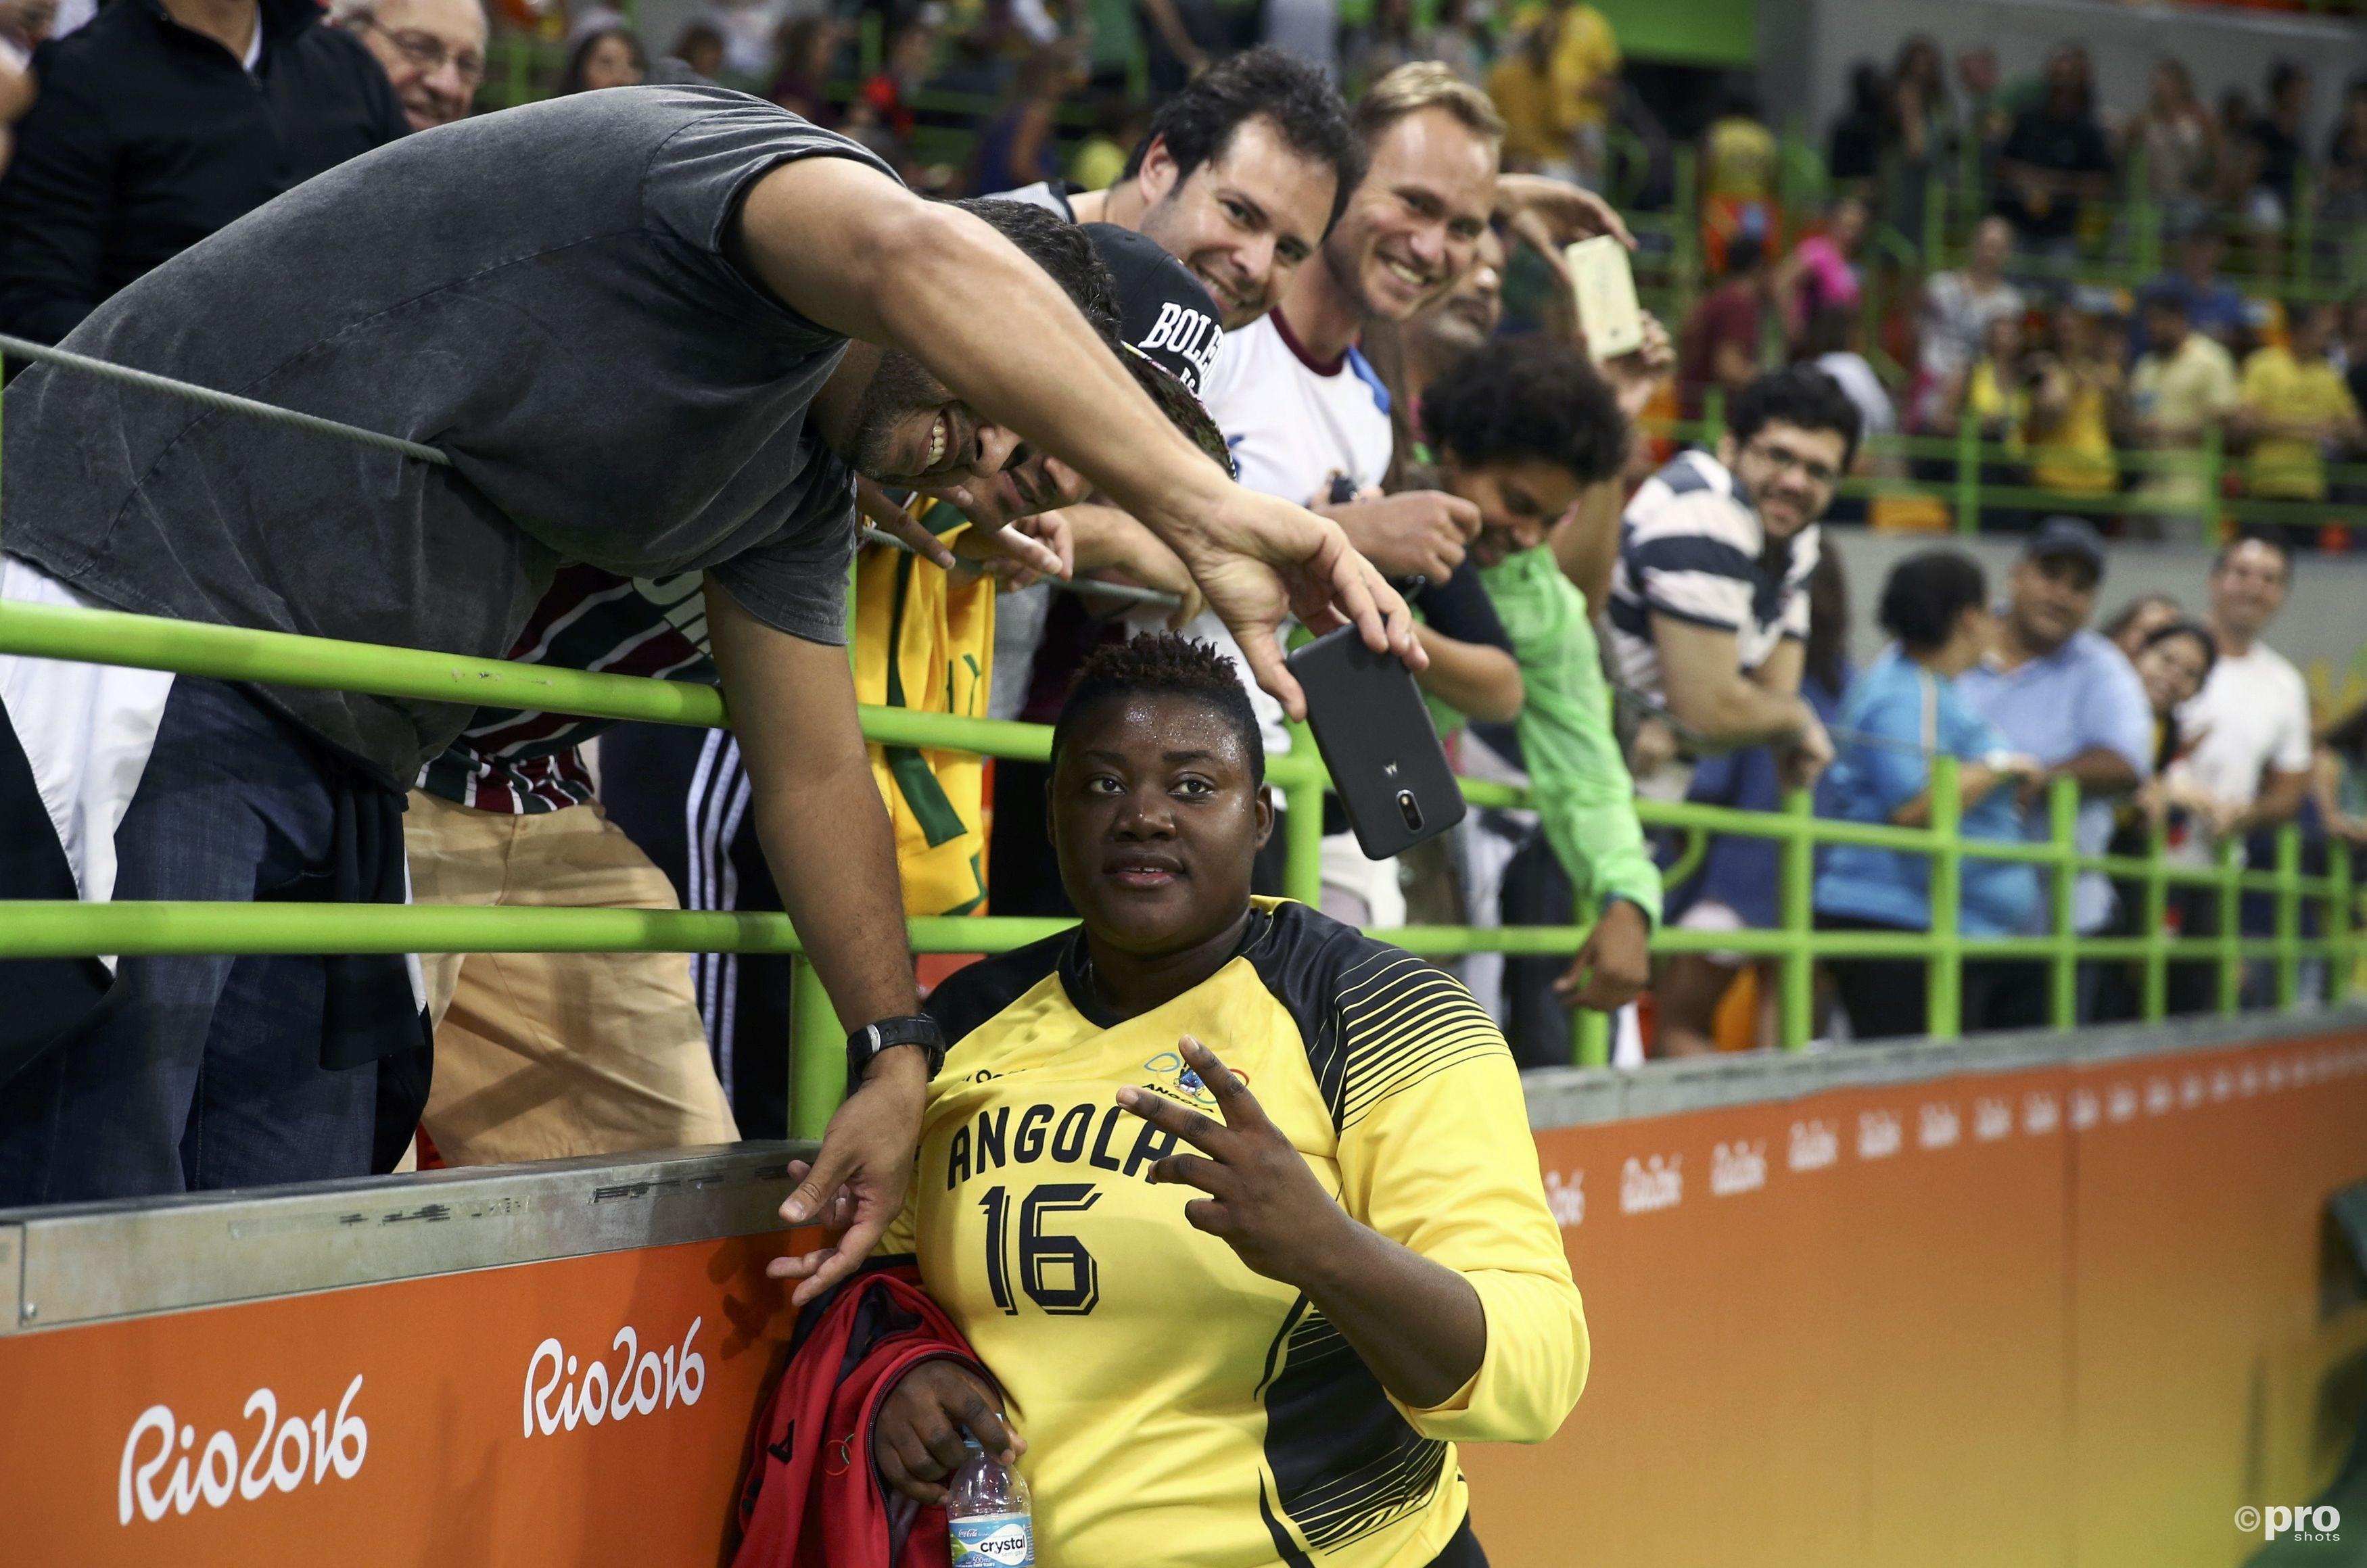 De imposante Angolese keepster Teresa Almeida ontwikkelde zich in Rio tot een ware publiekslieveling, zowel dankzij haar verschijning als meerdere geweldige reddingen (PROSHOTS/Action Images)